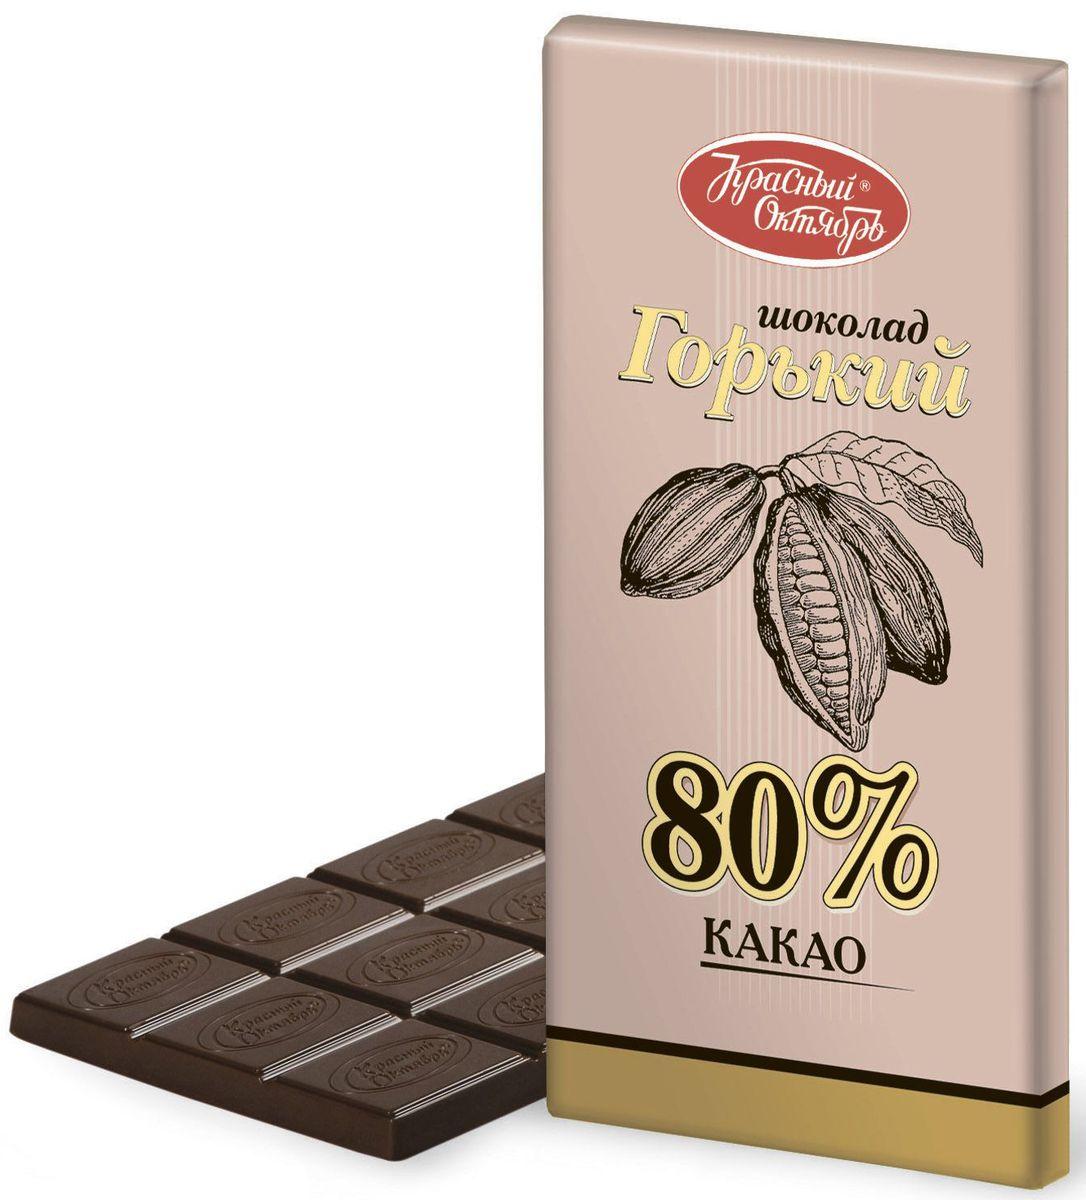 Красный Октябрь горький 80% какао шоколад, 75 г куплю шкуры куницы 2014 год октябрь